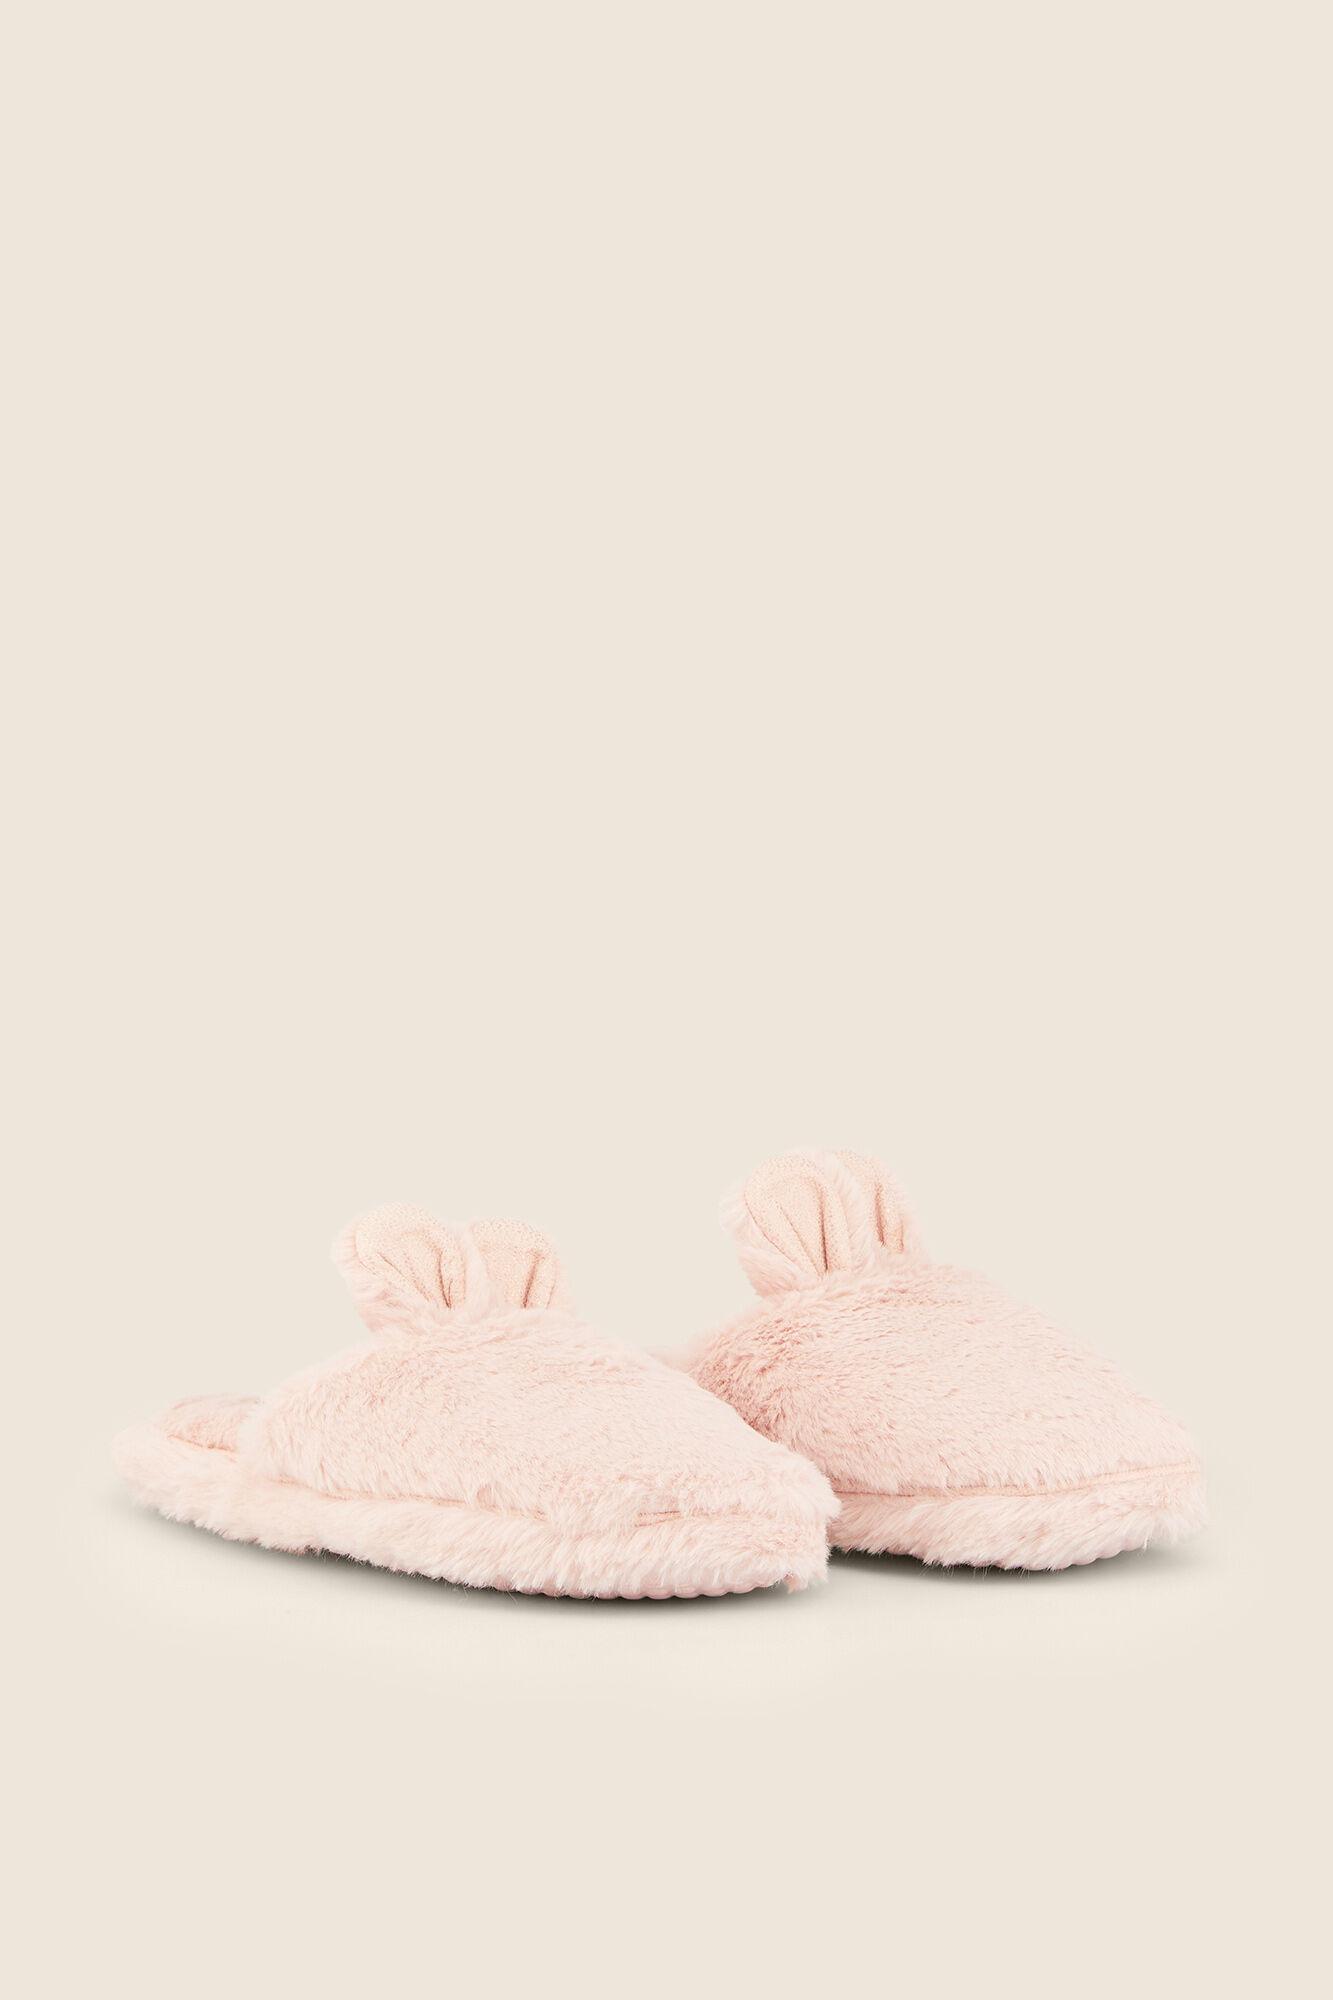 nueva colección disfruta el precio más bajo original de costura caliente Zapatillas casa peluche conejito   Zapatillas   Women'secret